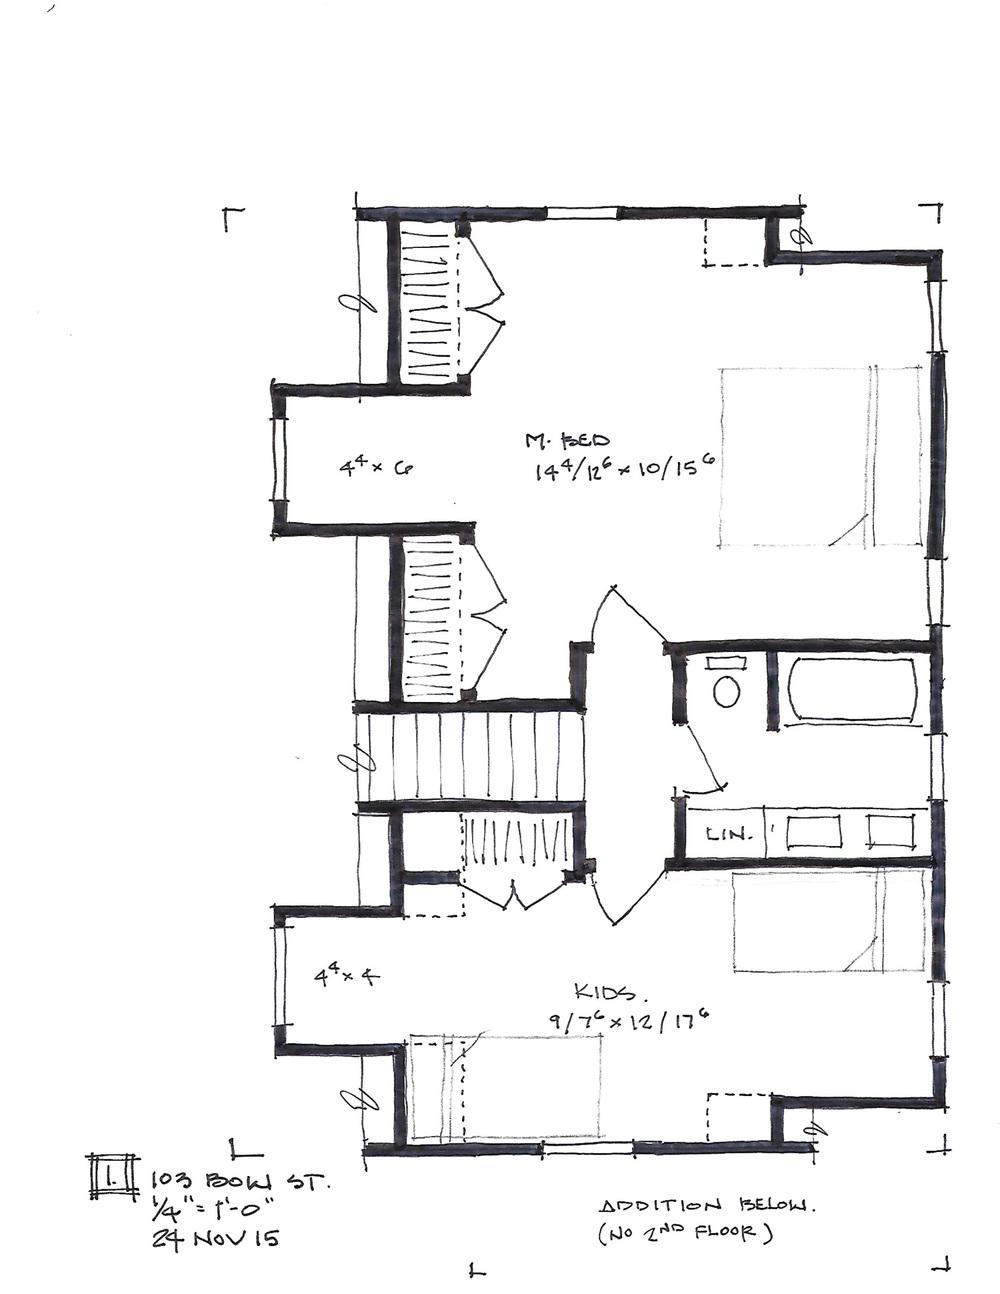 Plan-1-of-3.jpg